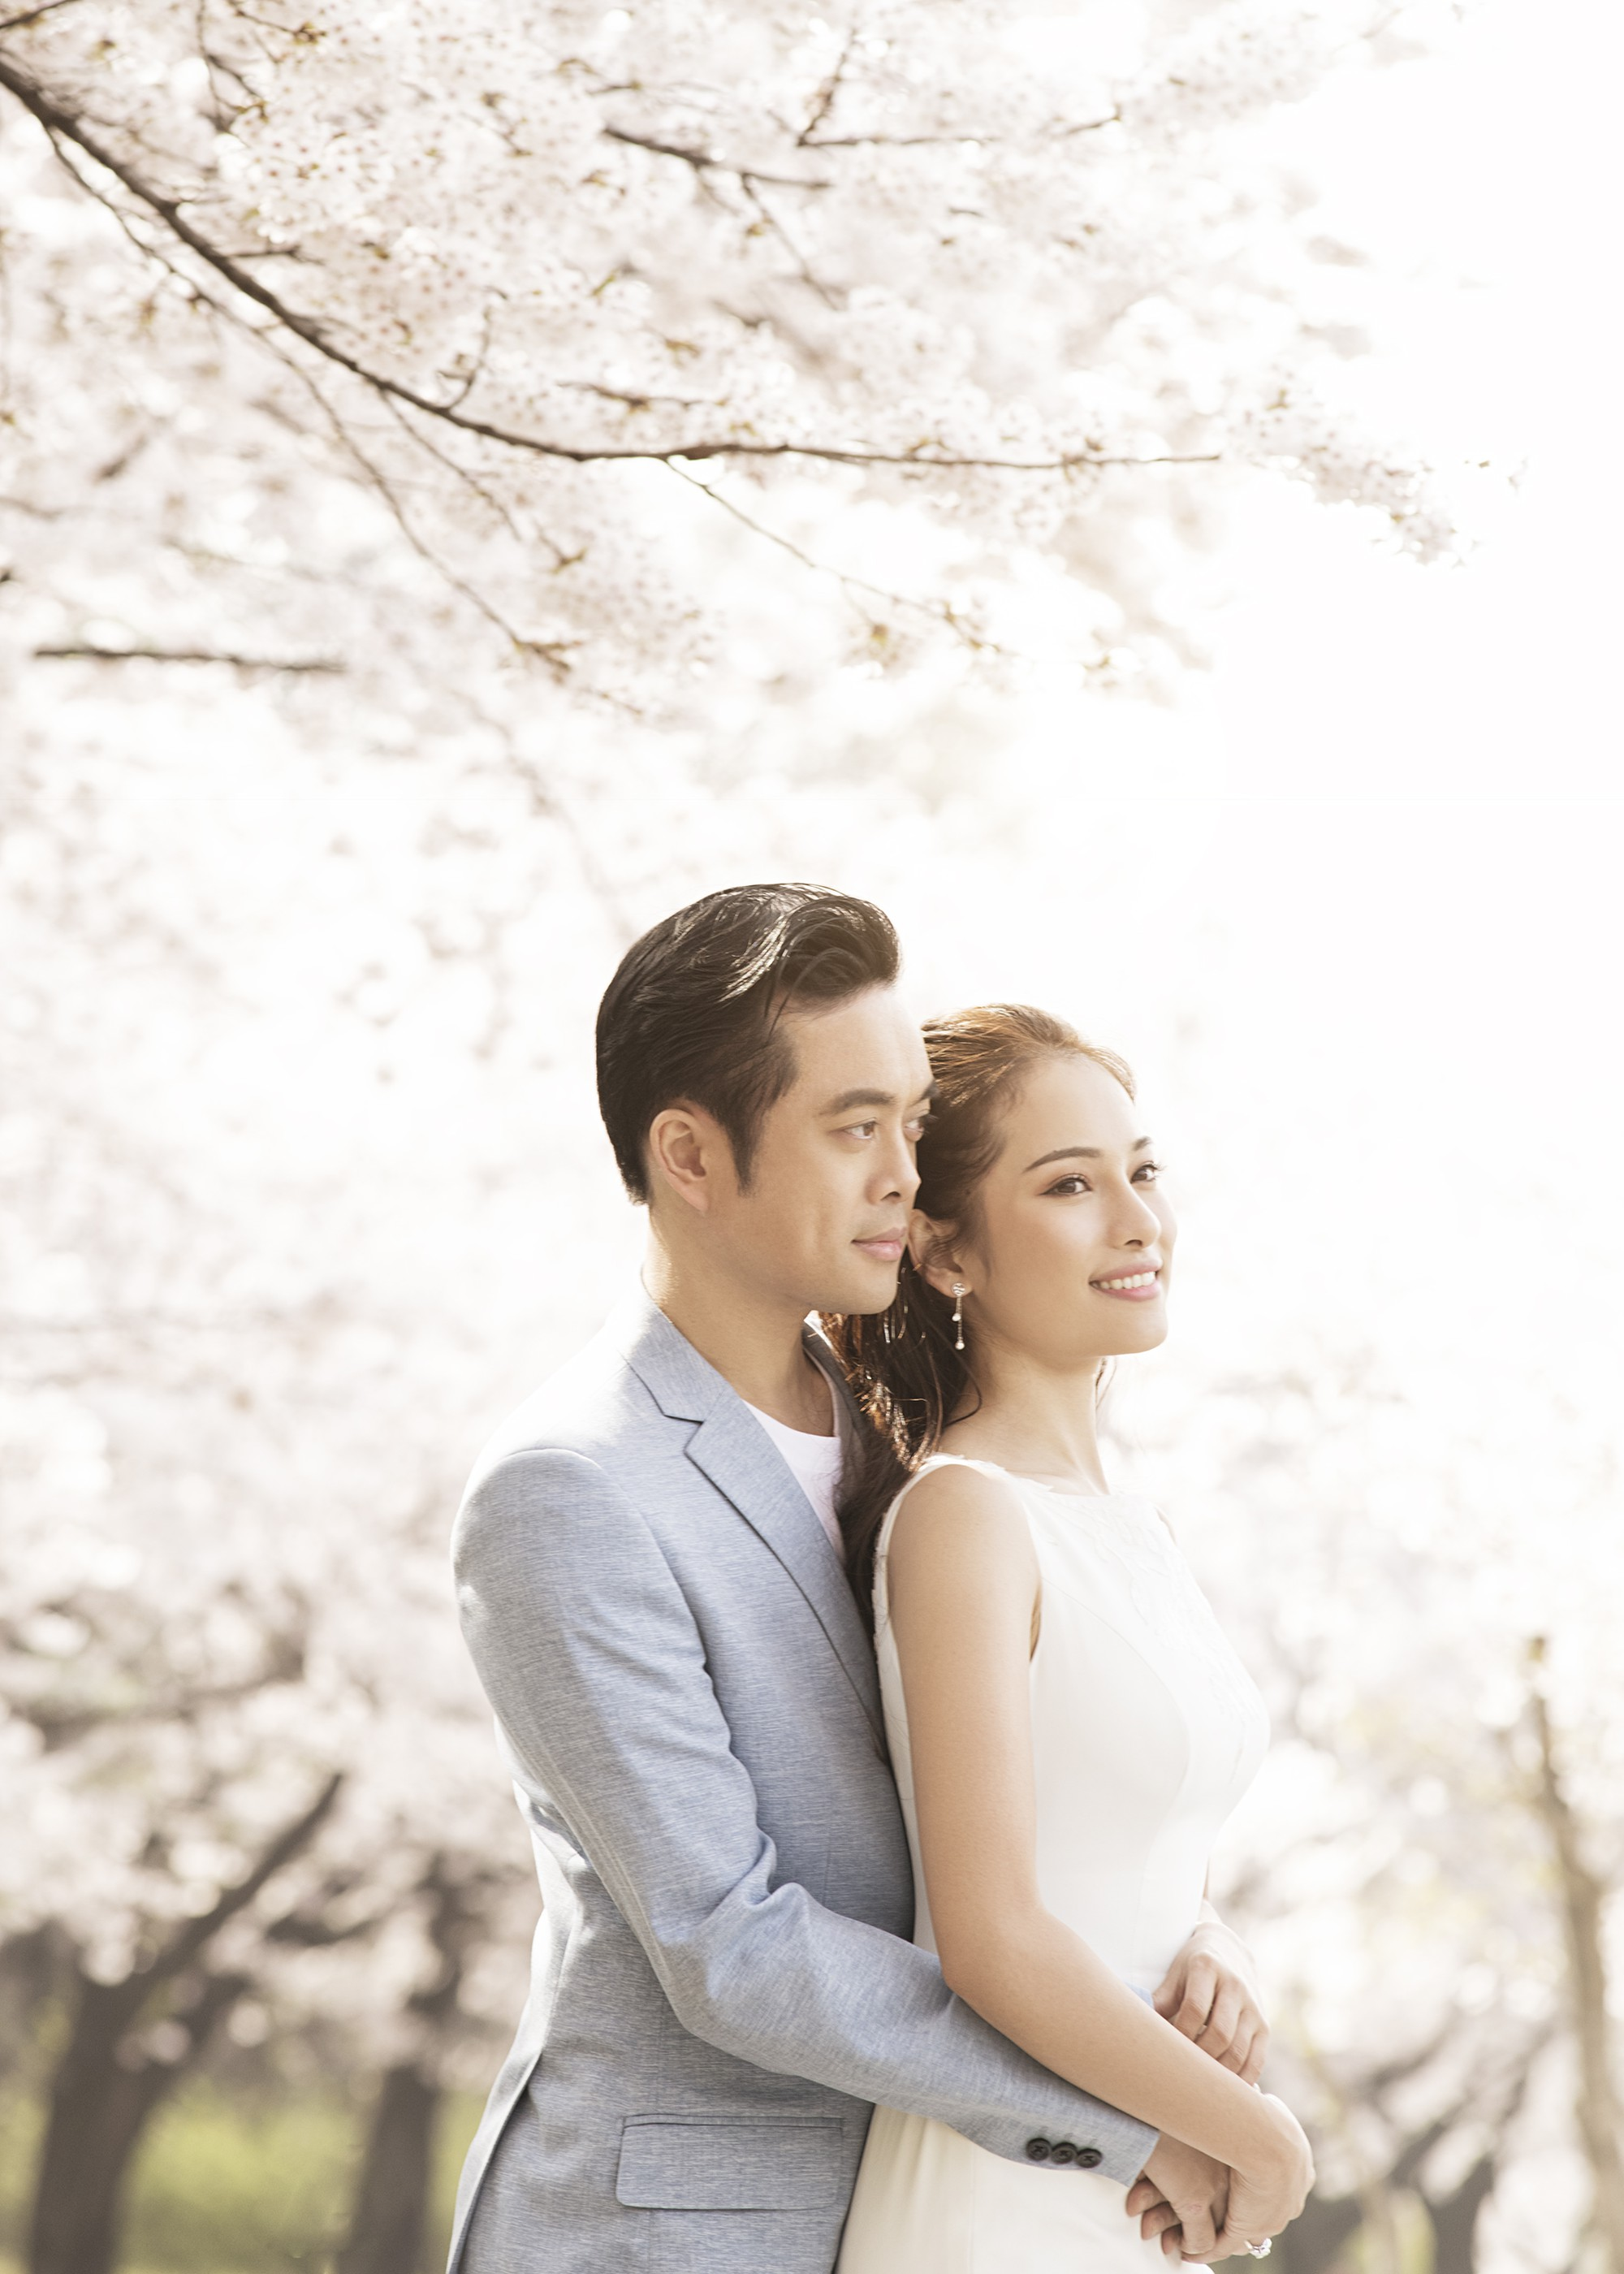 Ảnh cưới đẹp như phim chụp tại Hàn Quốc của Dương Khắc Linh và vợ trẻ kém 13 tuổi - Ảnh 5.